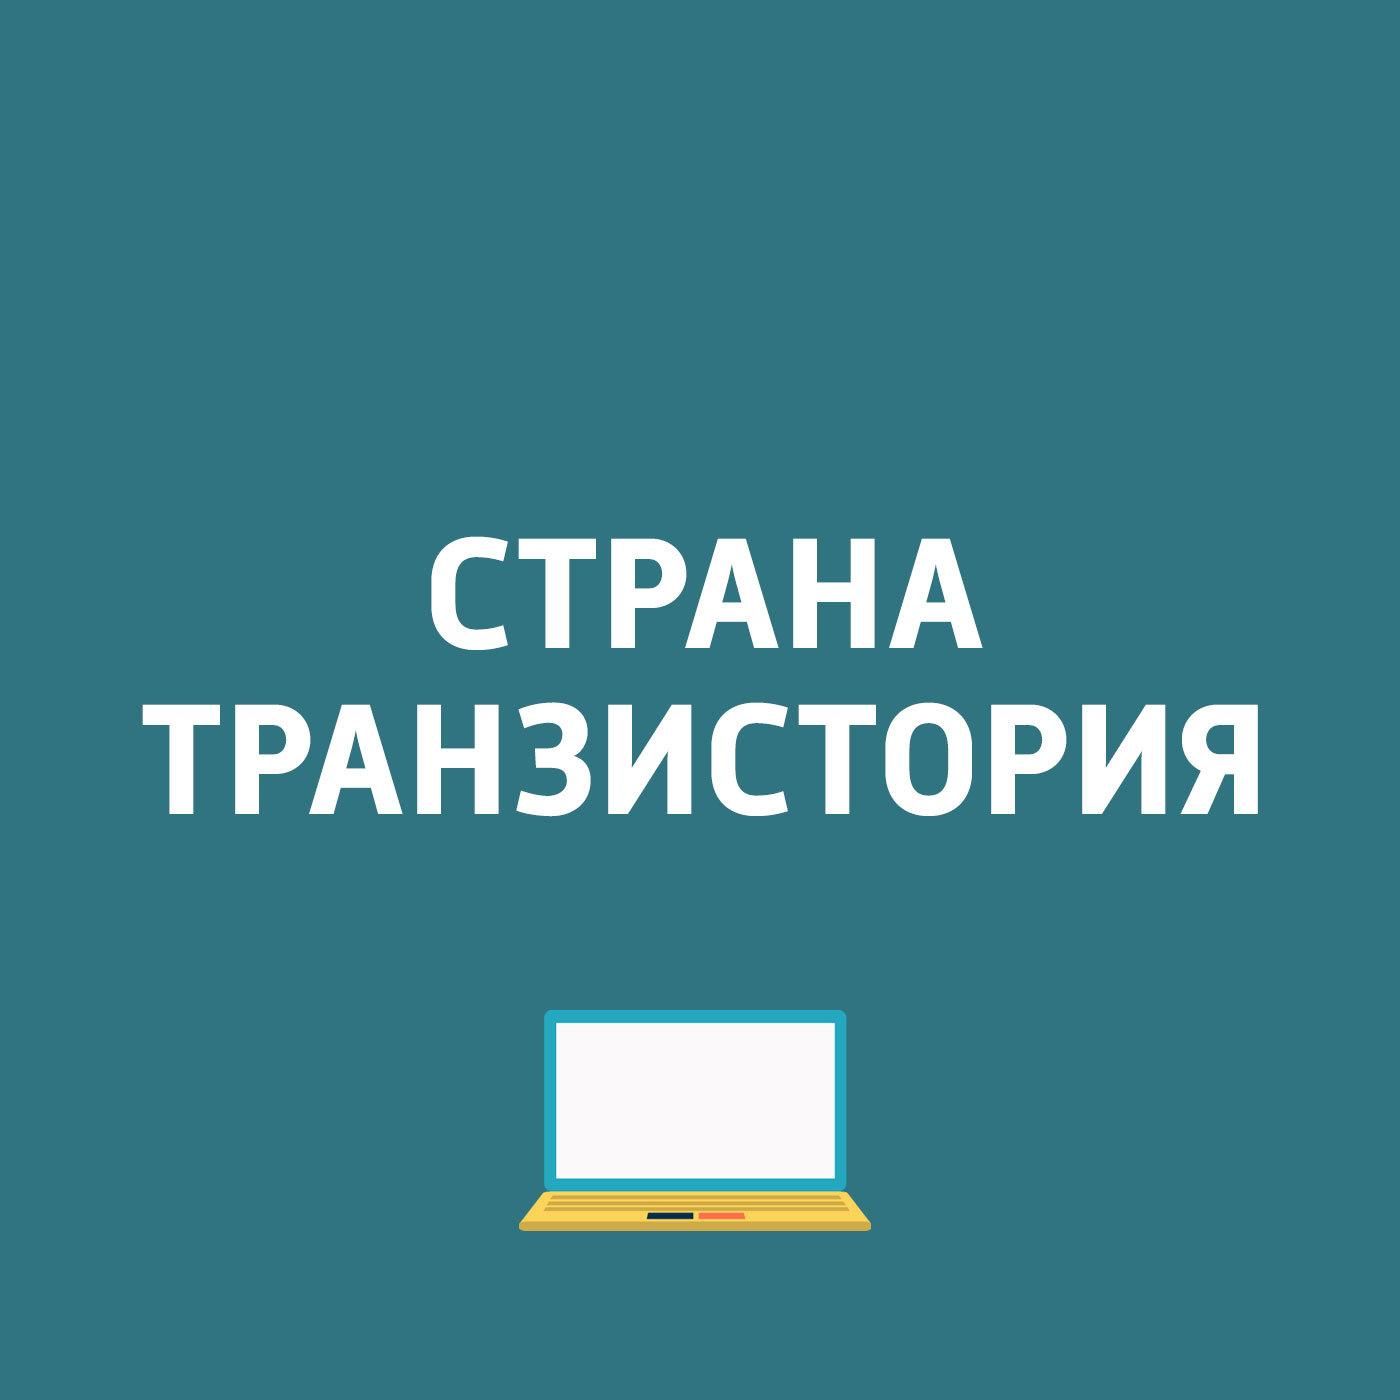 Картаев Павел ZTE Nubia Z17 mini; Домен .RU отмечает день рождения... смартфон nubia z17 mini 64gb черный золотистый